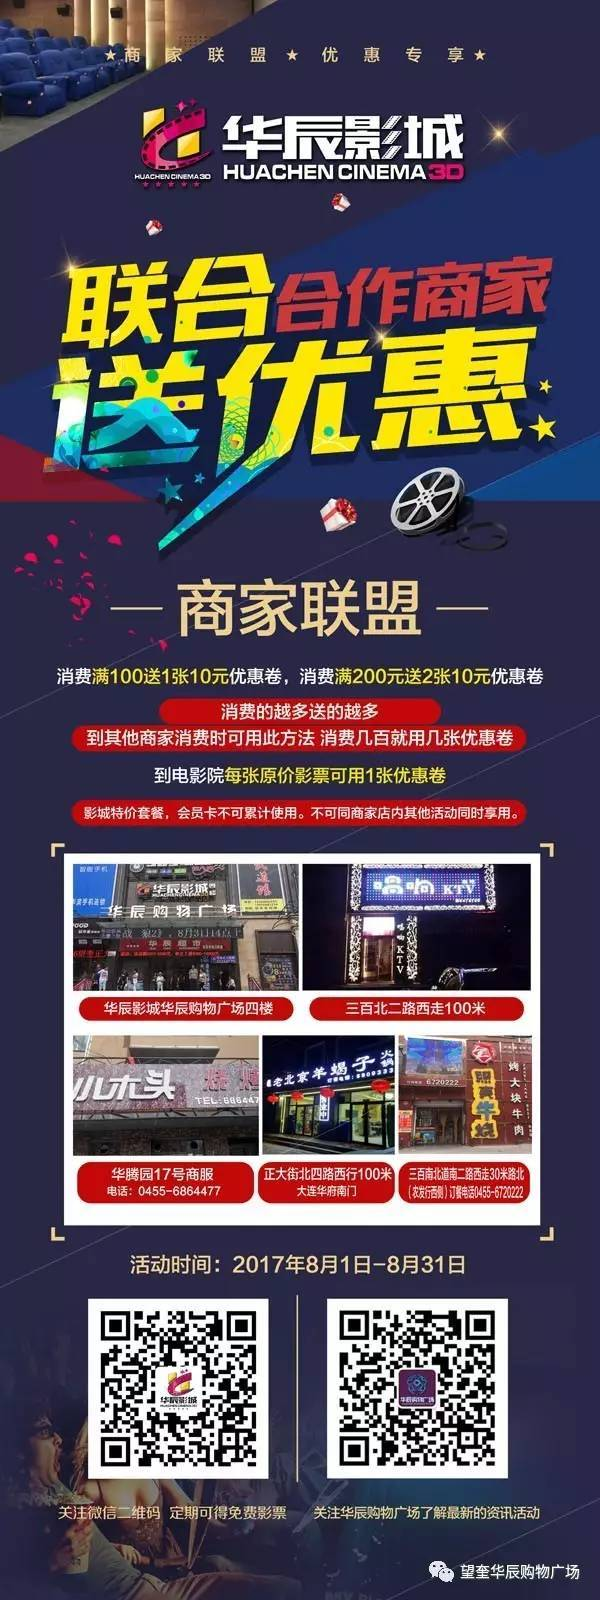 联合合作商家送优惠!-娱乐频道-手机搜狐